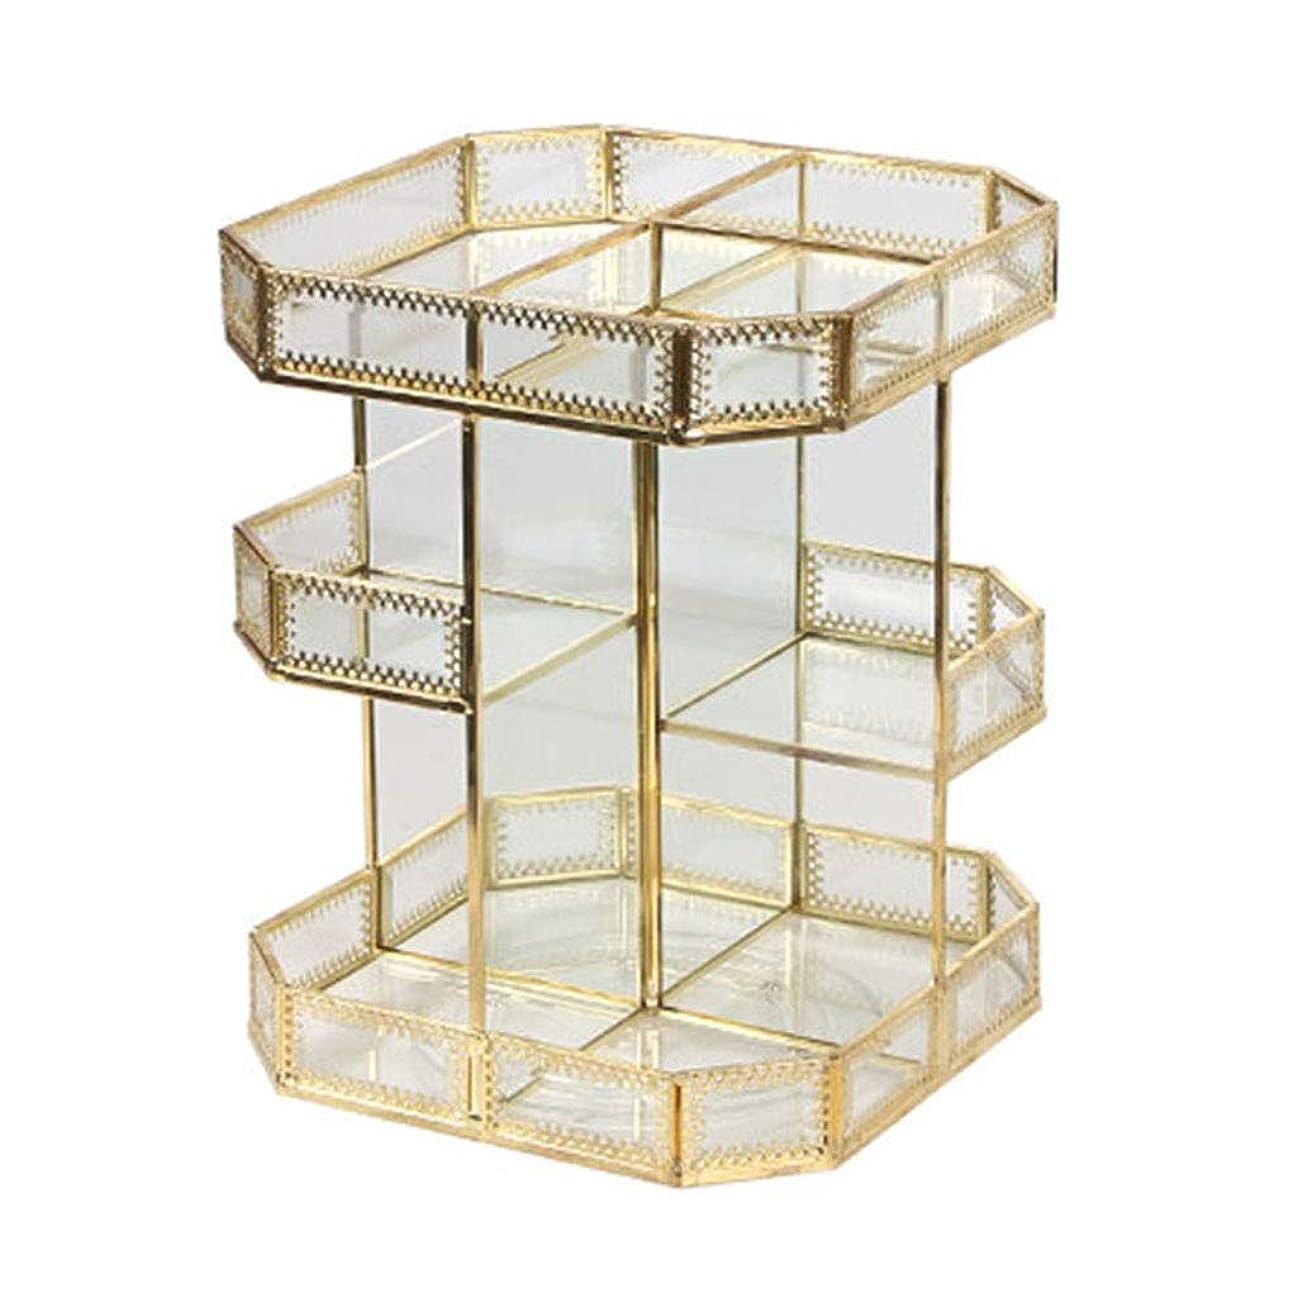 気配りのある天気エージェント化粧品収納ボックスガラス回転透明レトロメタルデスクトップドレッシングテーブルスキンケアラック最高の贈り物 (Color : GOLD, Size : 21.7*21.7*28.2CM)